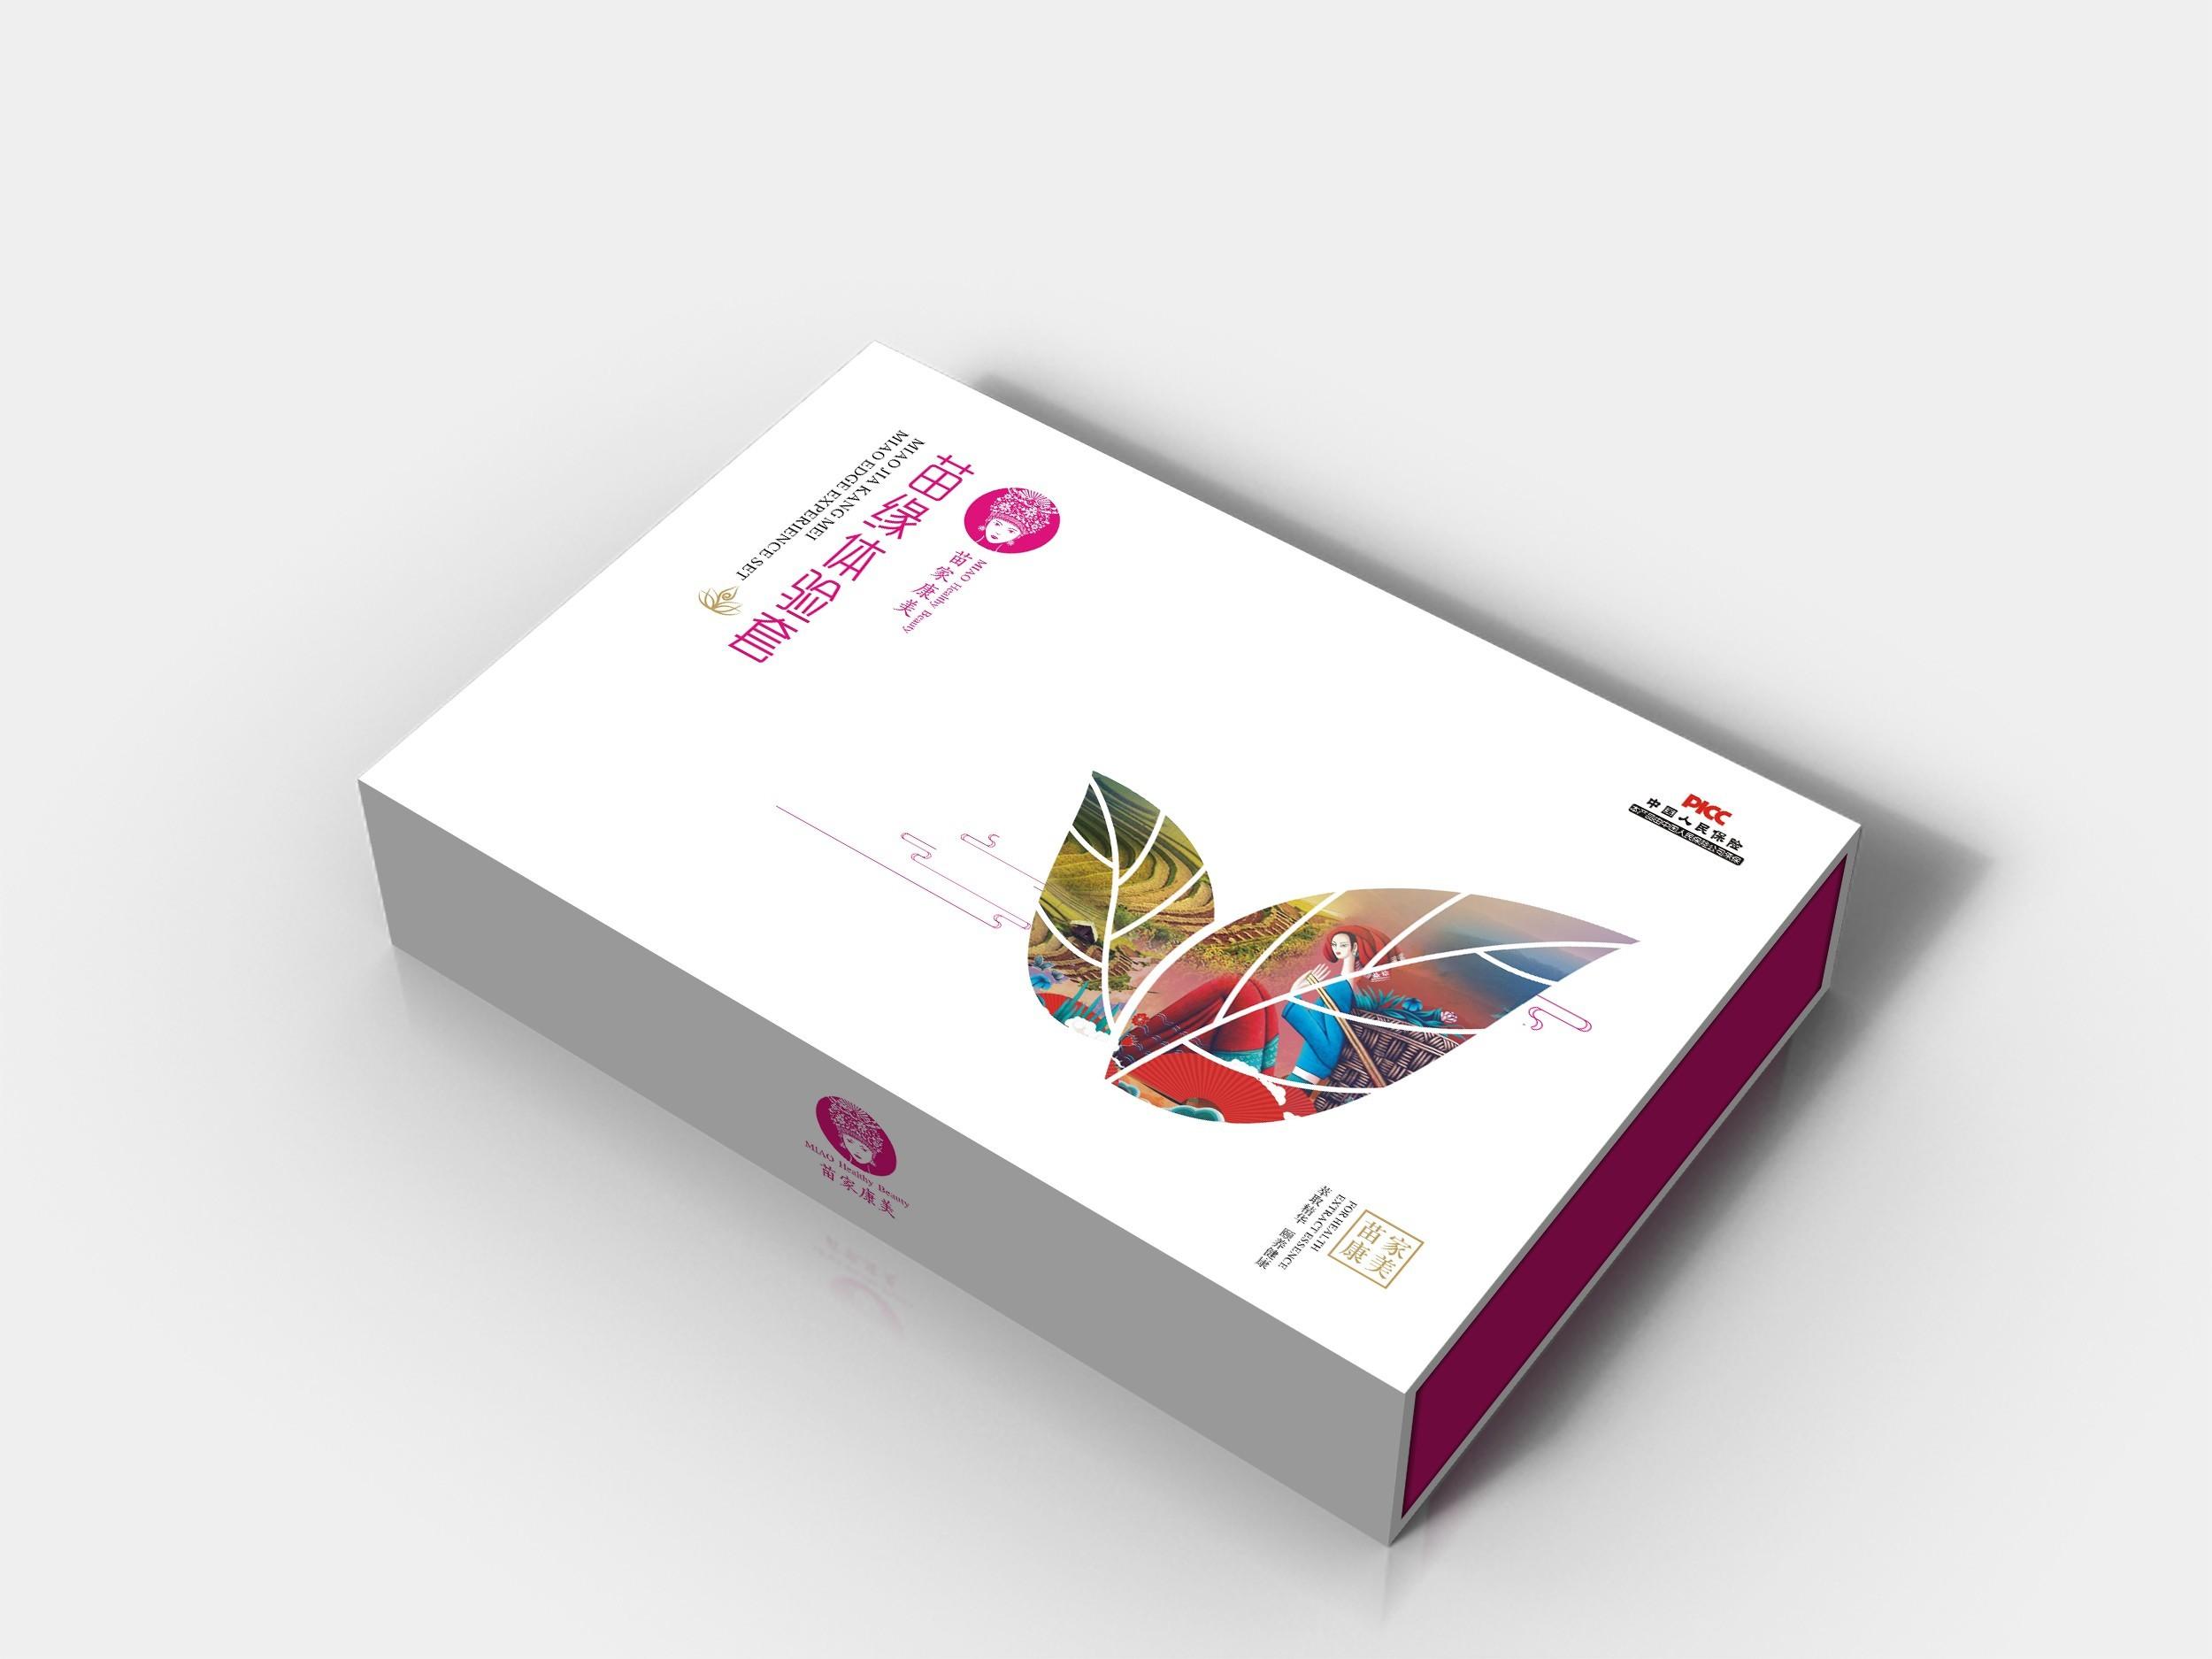 化妆品包装盒样式和颜色的设计元素选择